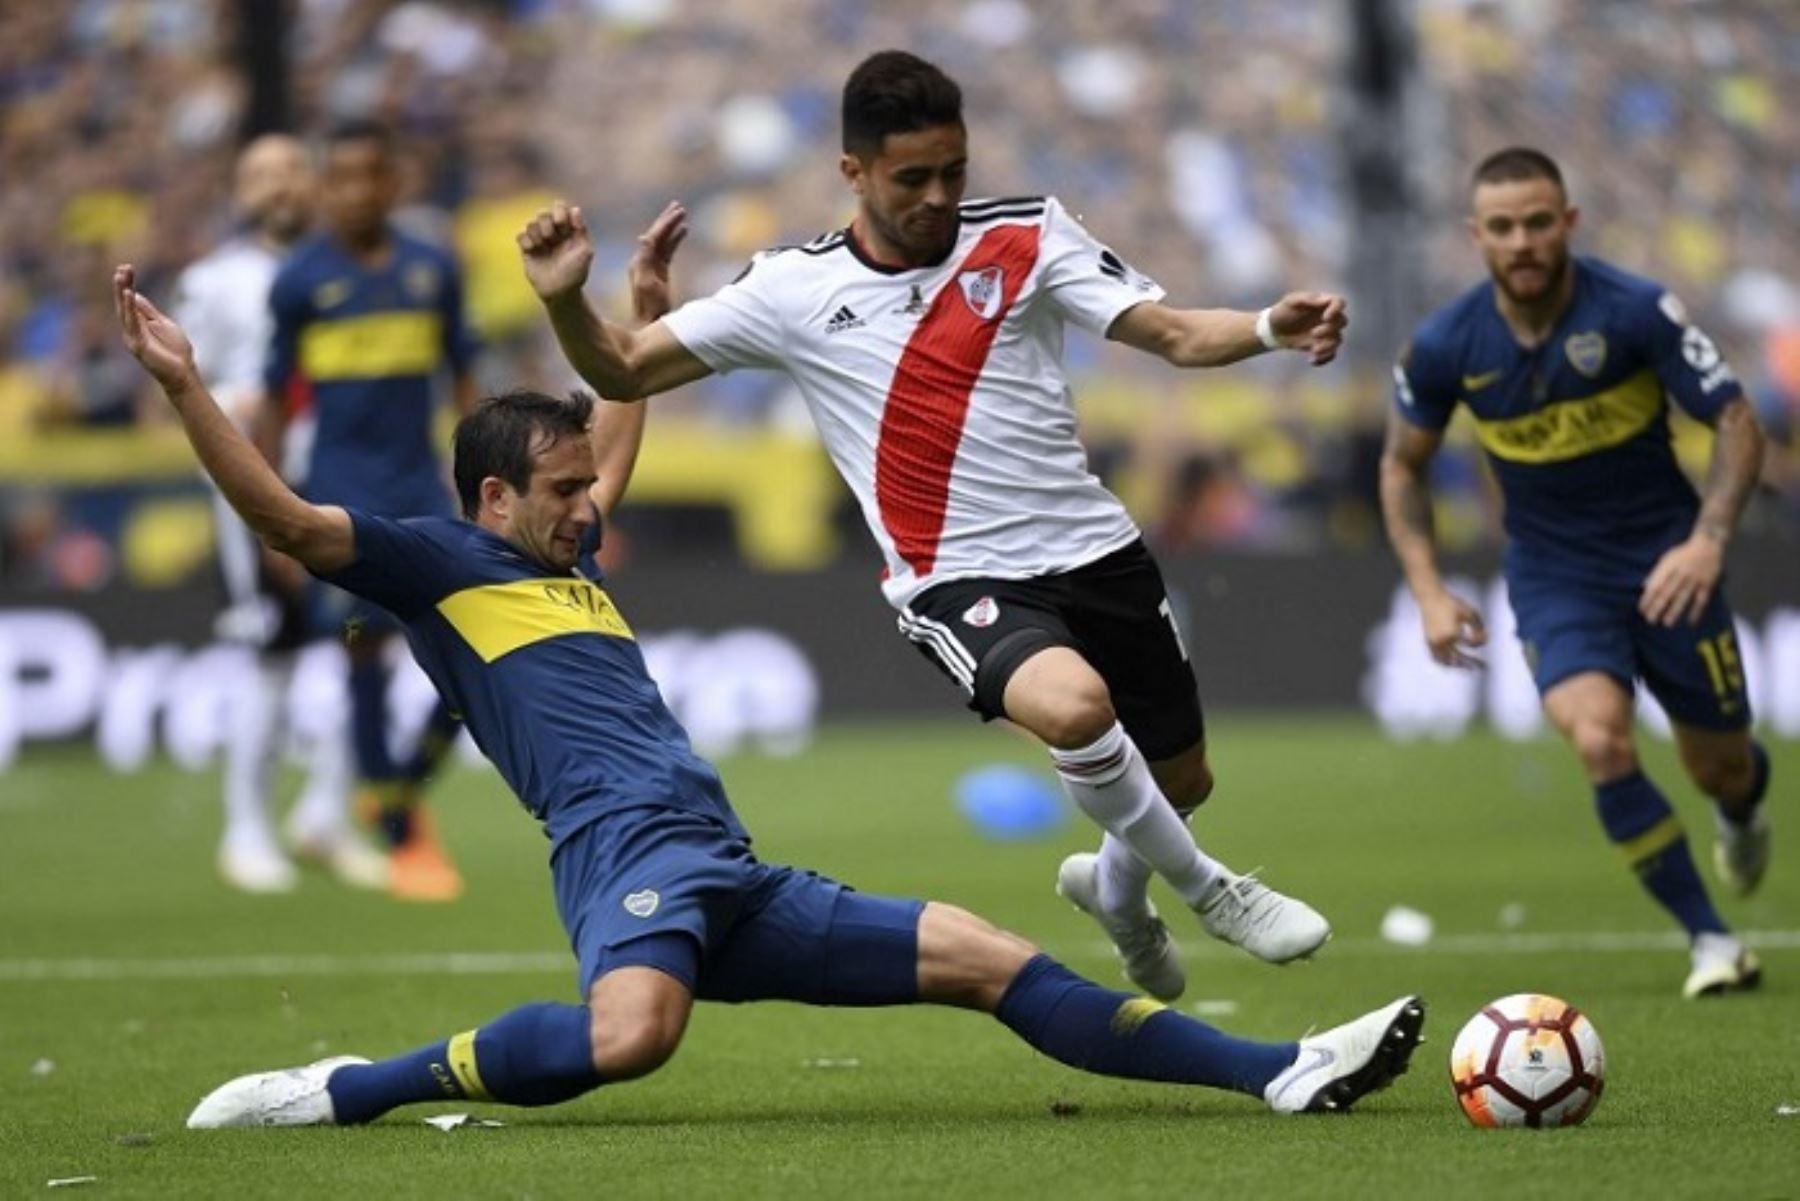 Copa Libertadores: Boca Juniors y River Plate empataron 2-2